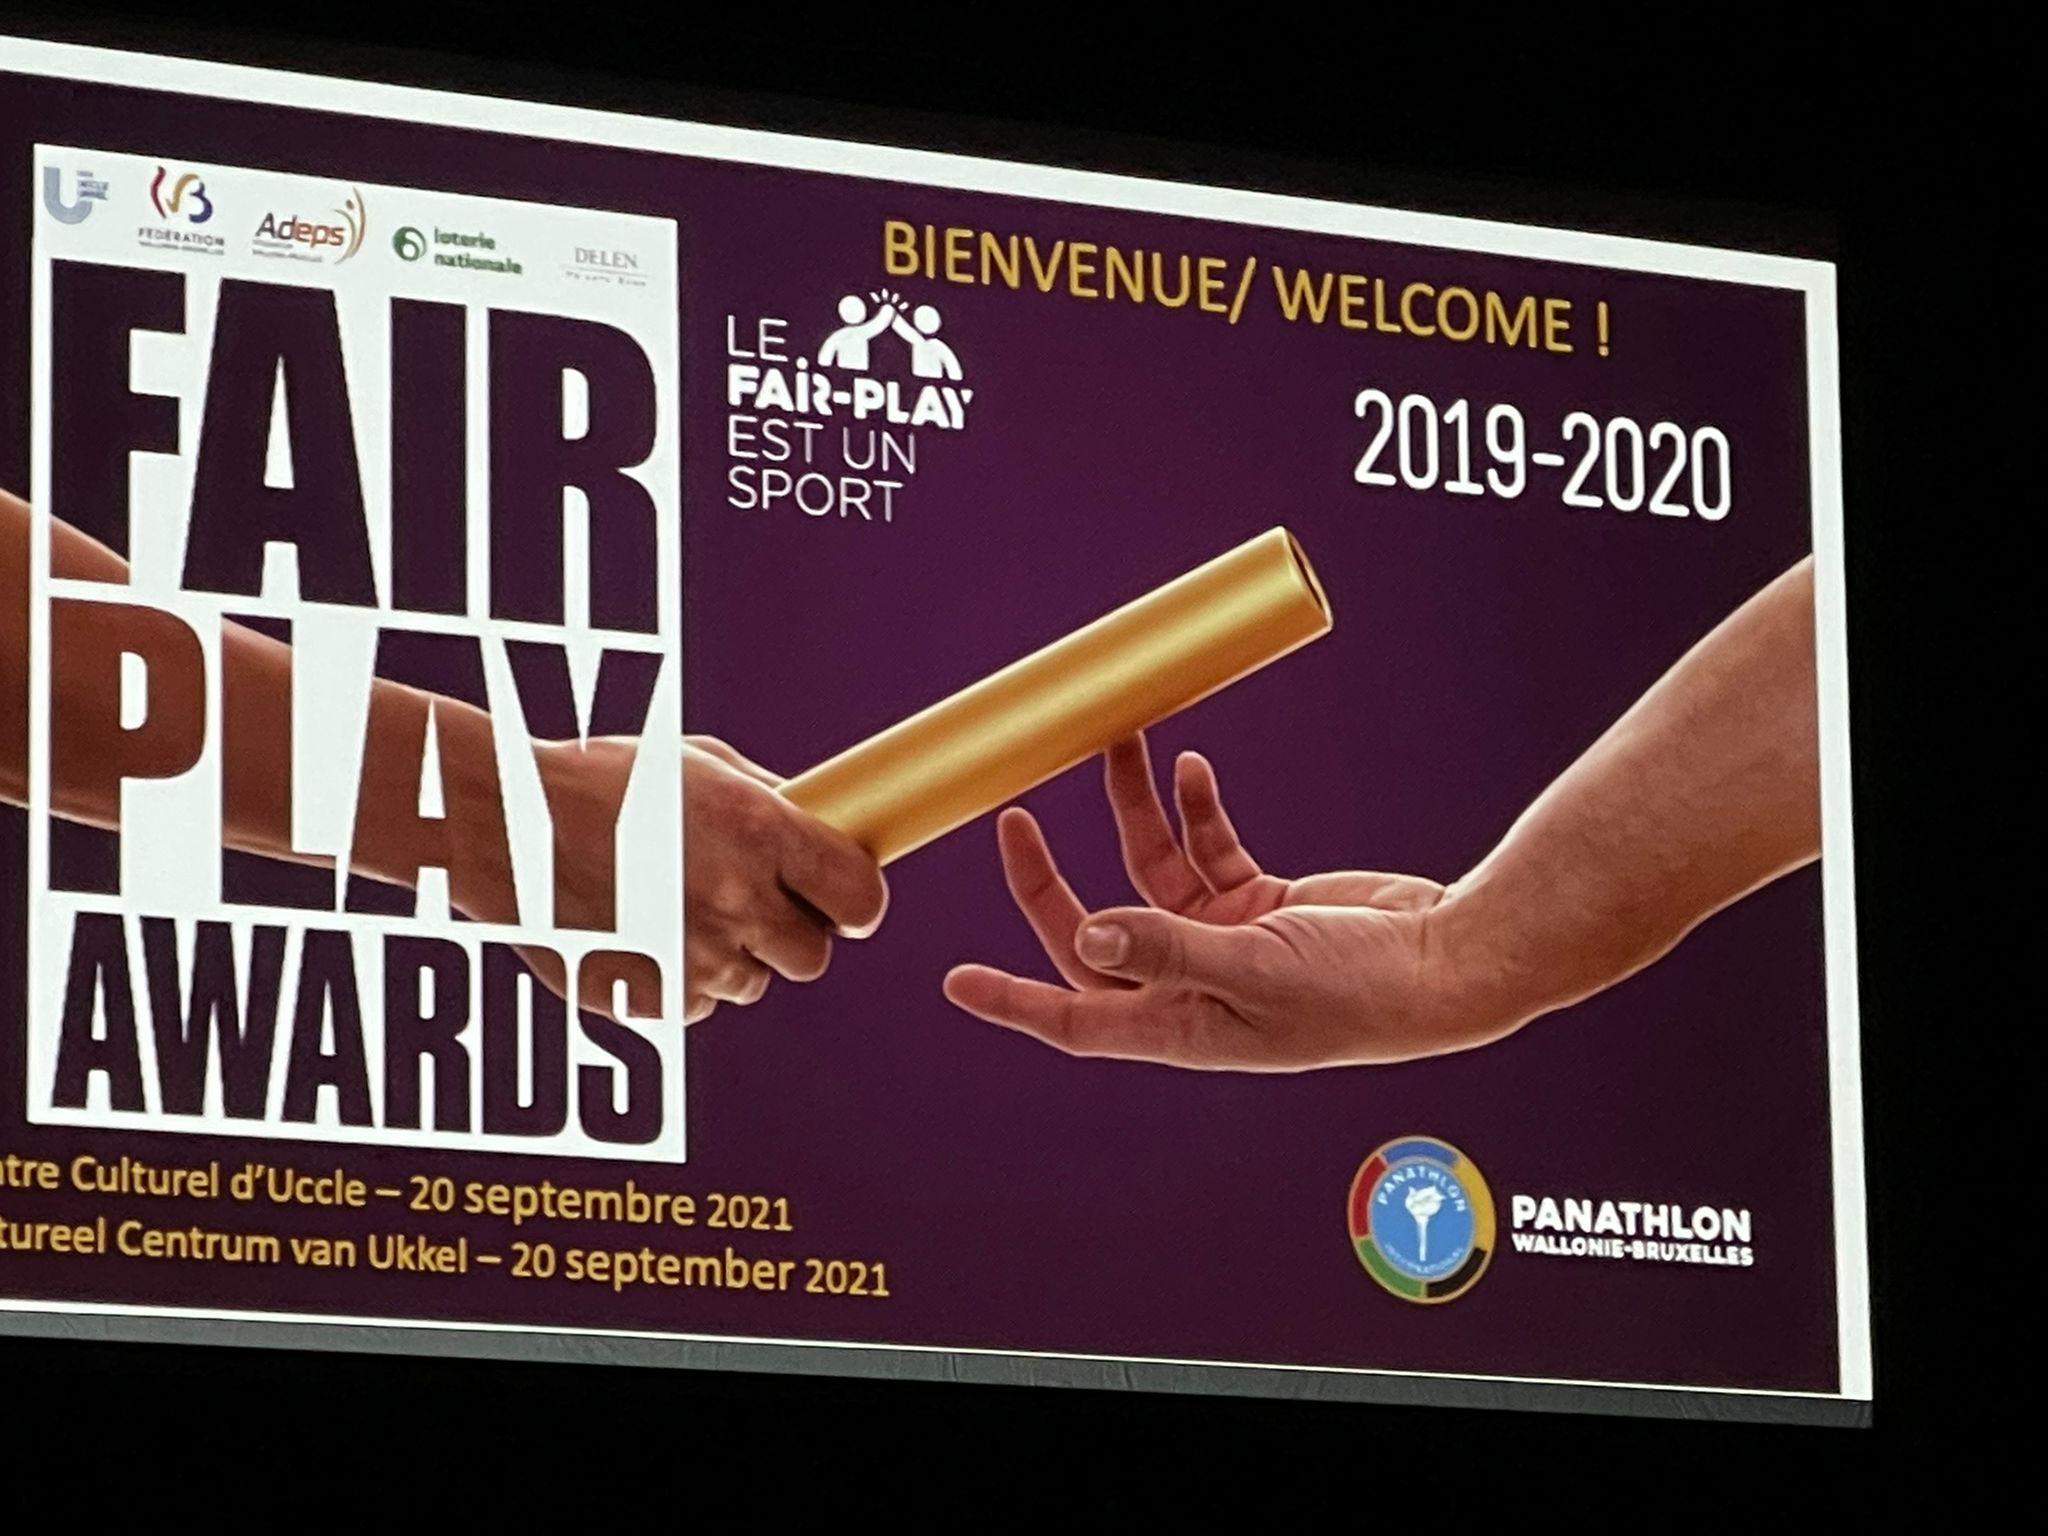 Fair-play   Le RFCL nommé aux Panathlon Awards